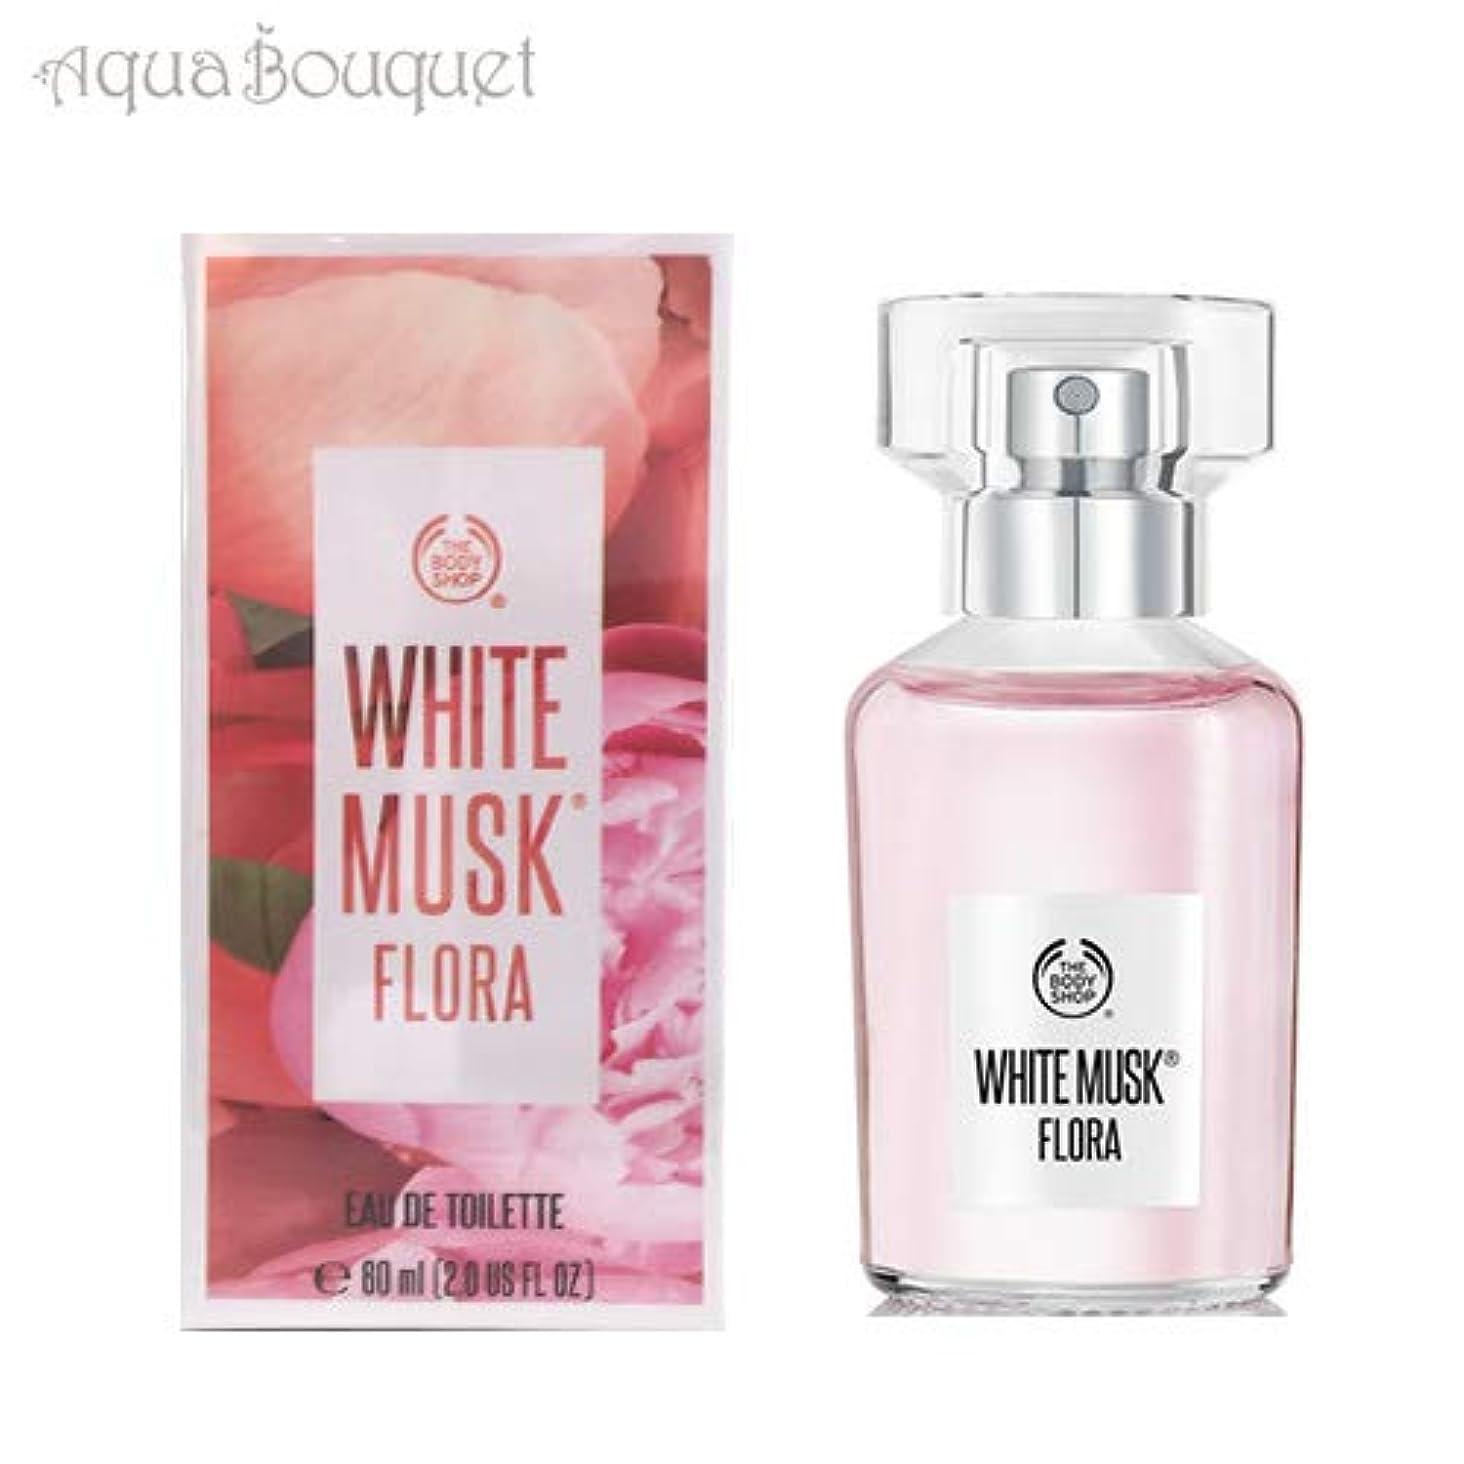 晴れ時々きちんとしたザ ボディショップ ホワイトムスク フローラ オードトワレ 60ml THE BODY SHOP WHITE MUSK FLORA EDT [8170] [並行輸入品]